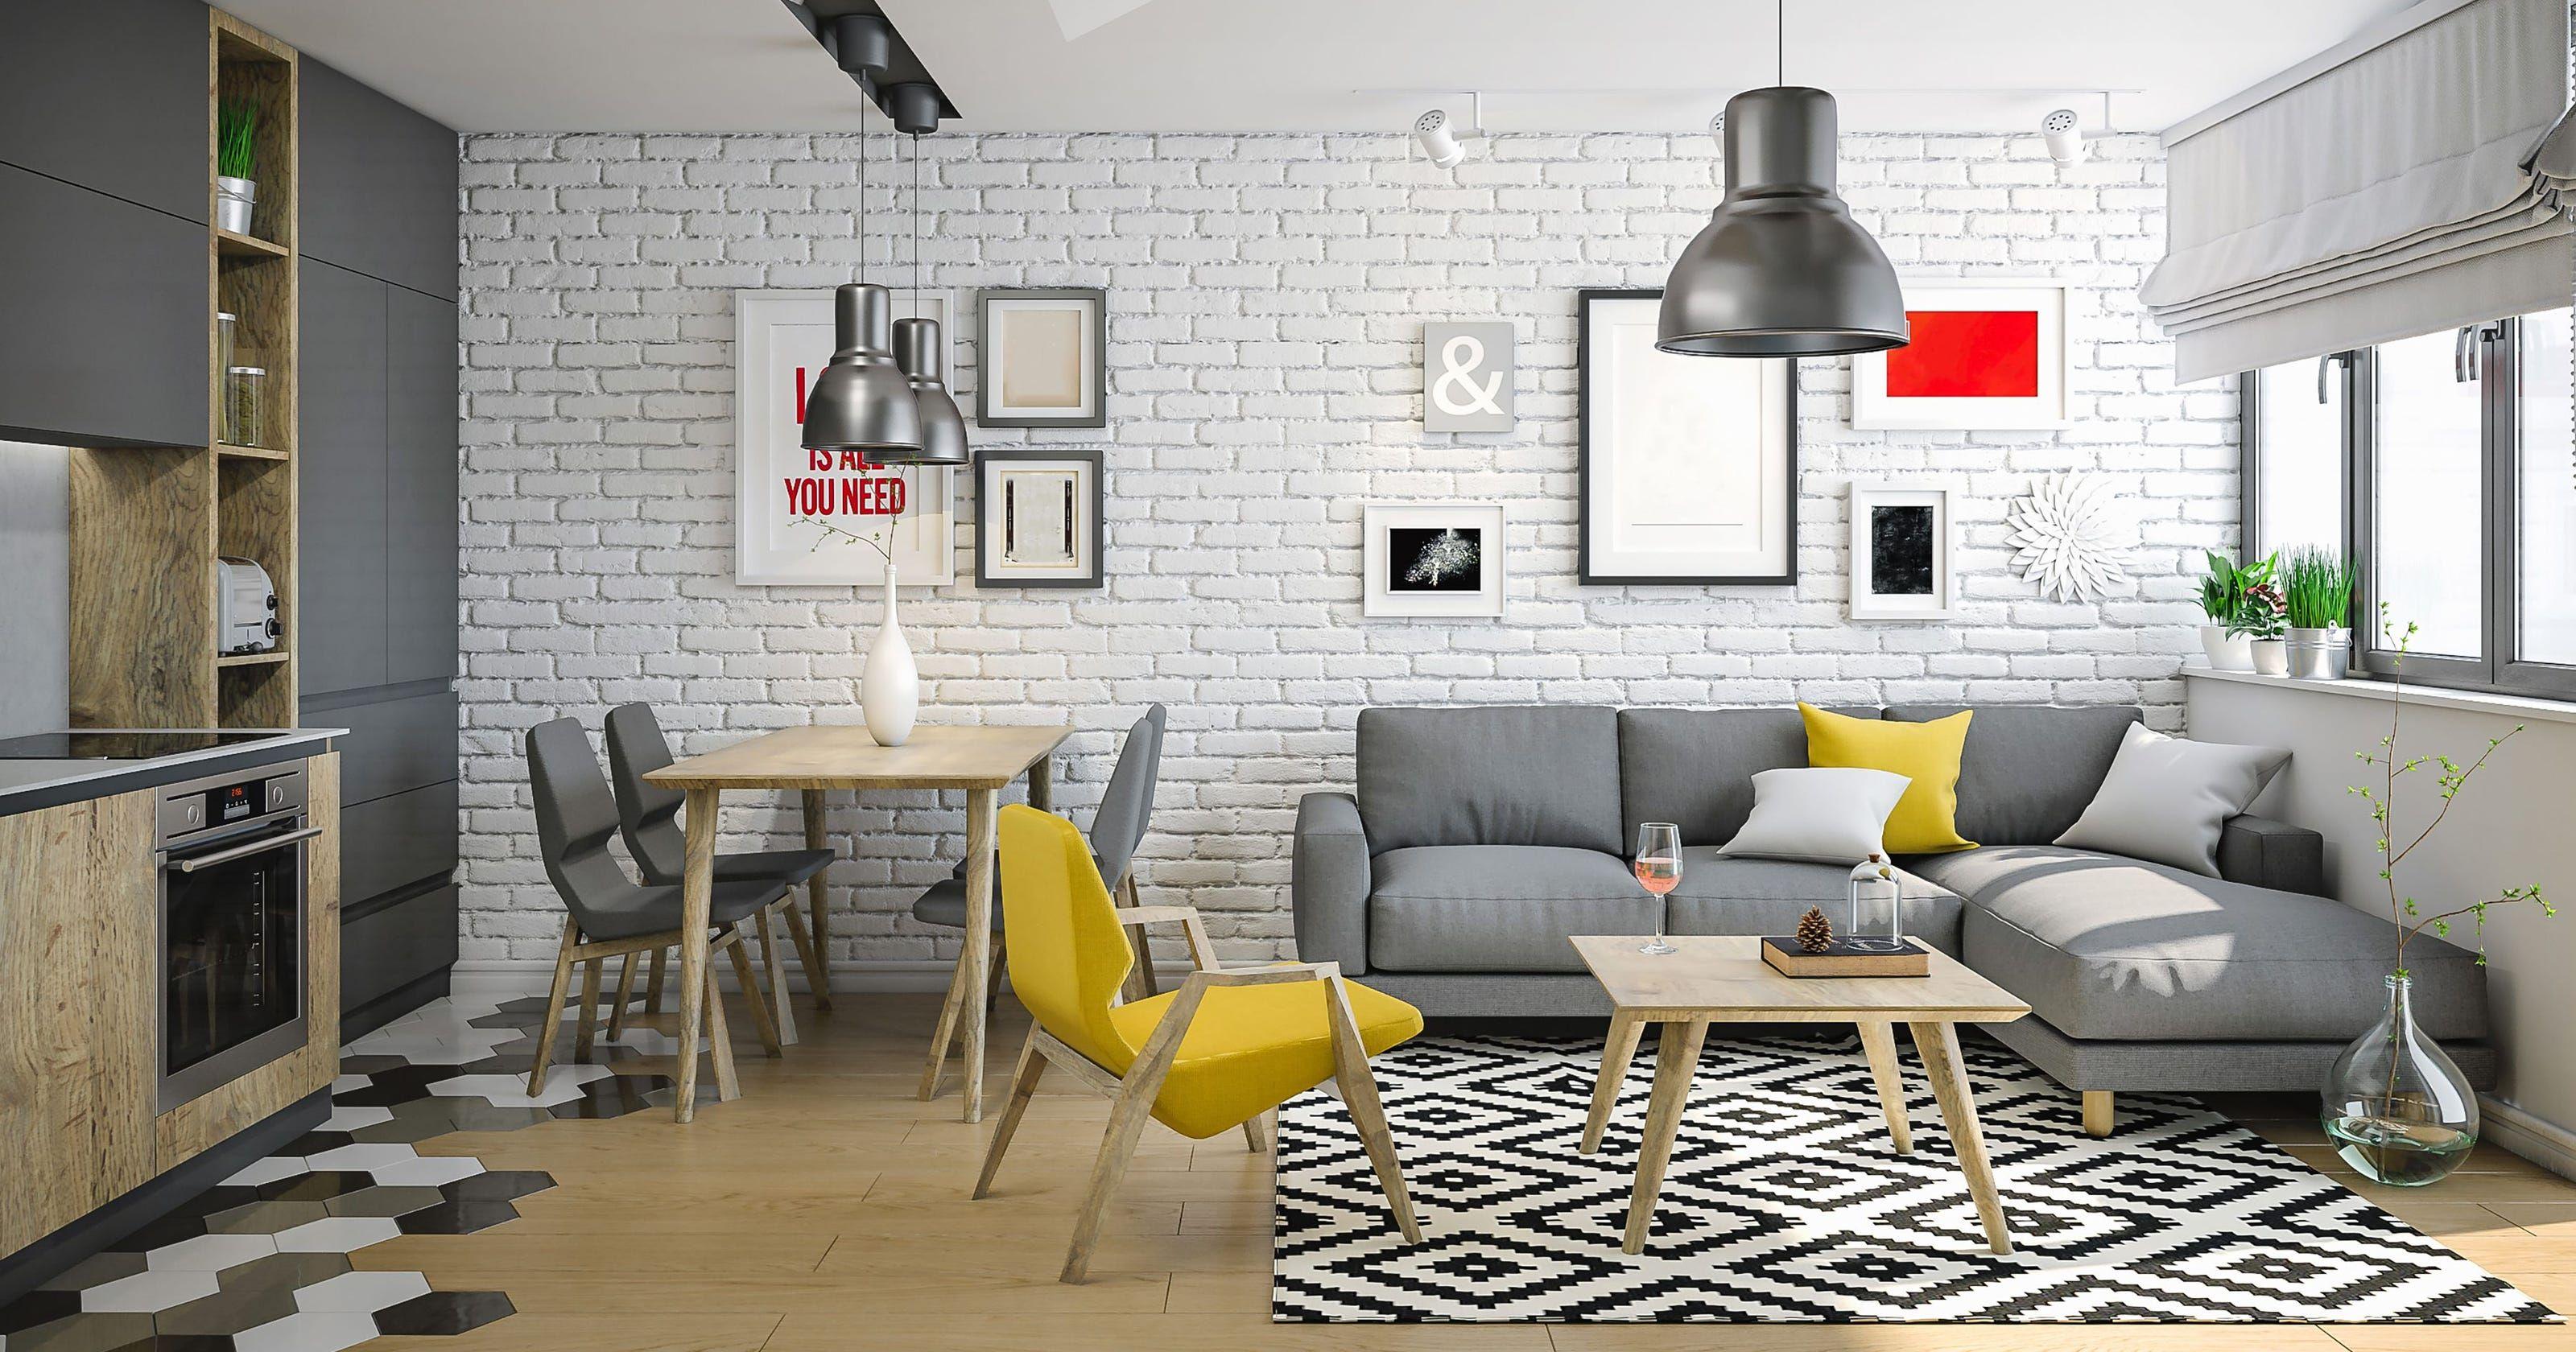 Black Friday Living Room Set Deals Variant Living In 2020 Home Decor Small Living Room Living Room Color